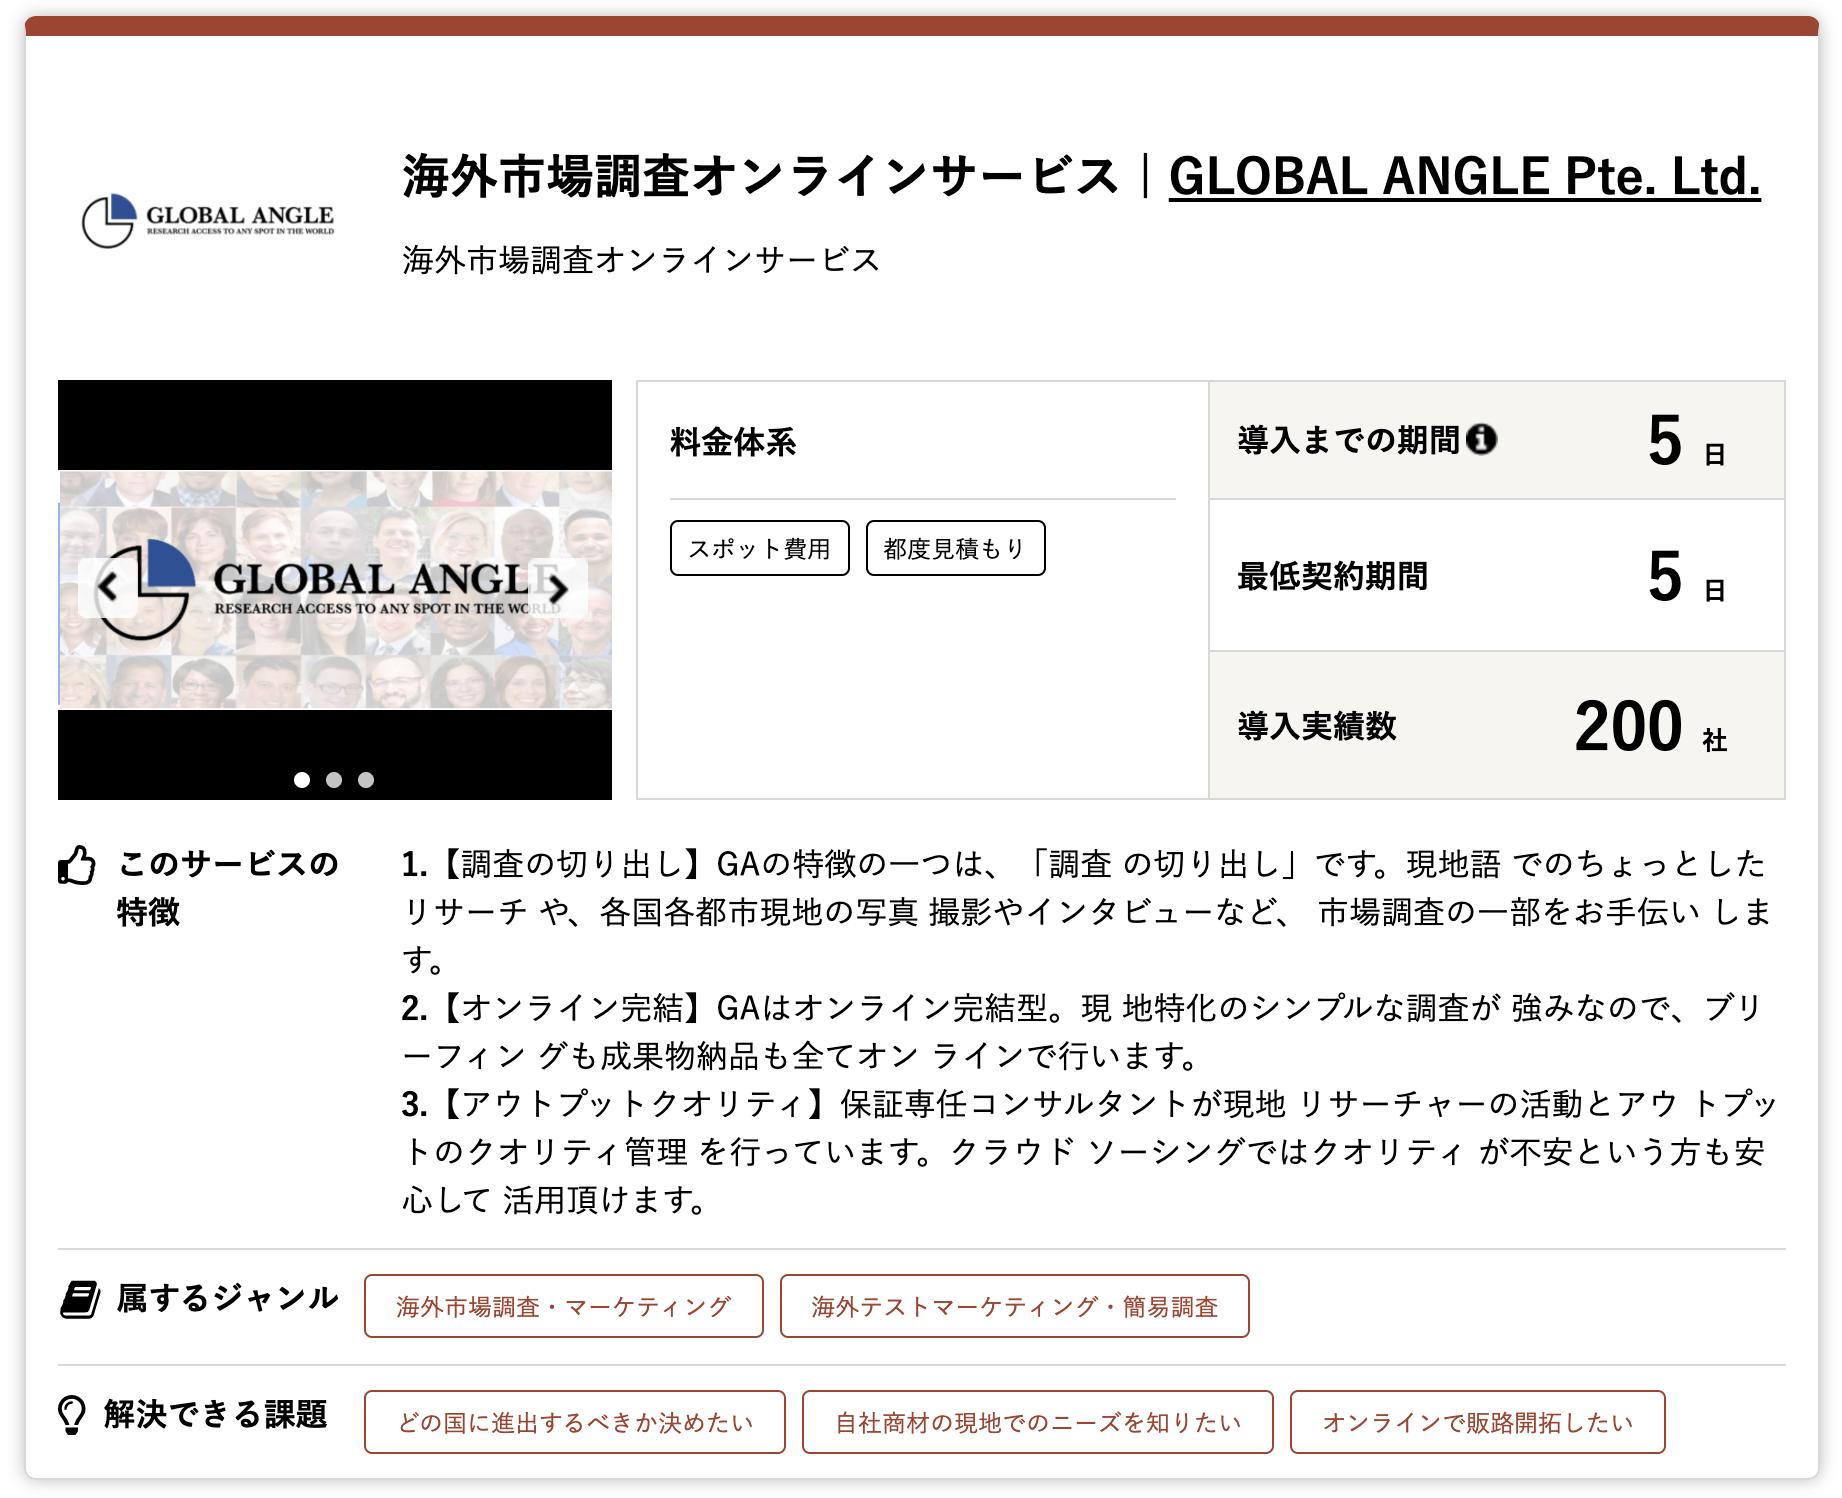 GLOBAL ANGLE Pte. Ltd._